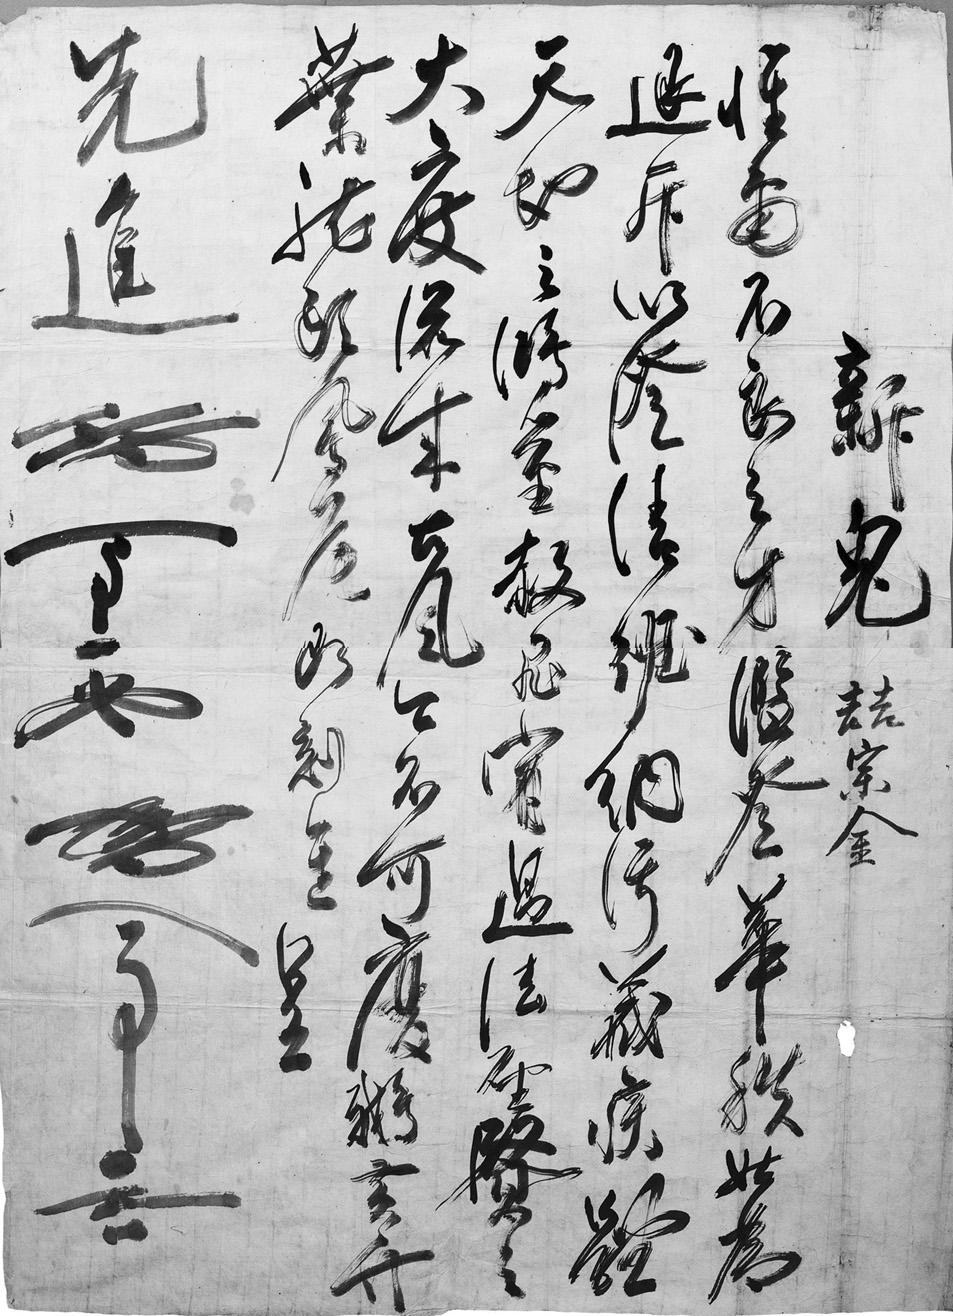 조선시대 신입관원 길들이기, 면신례 문서